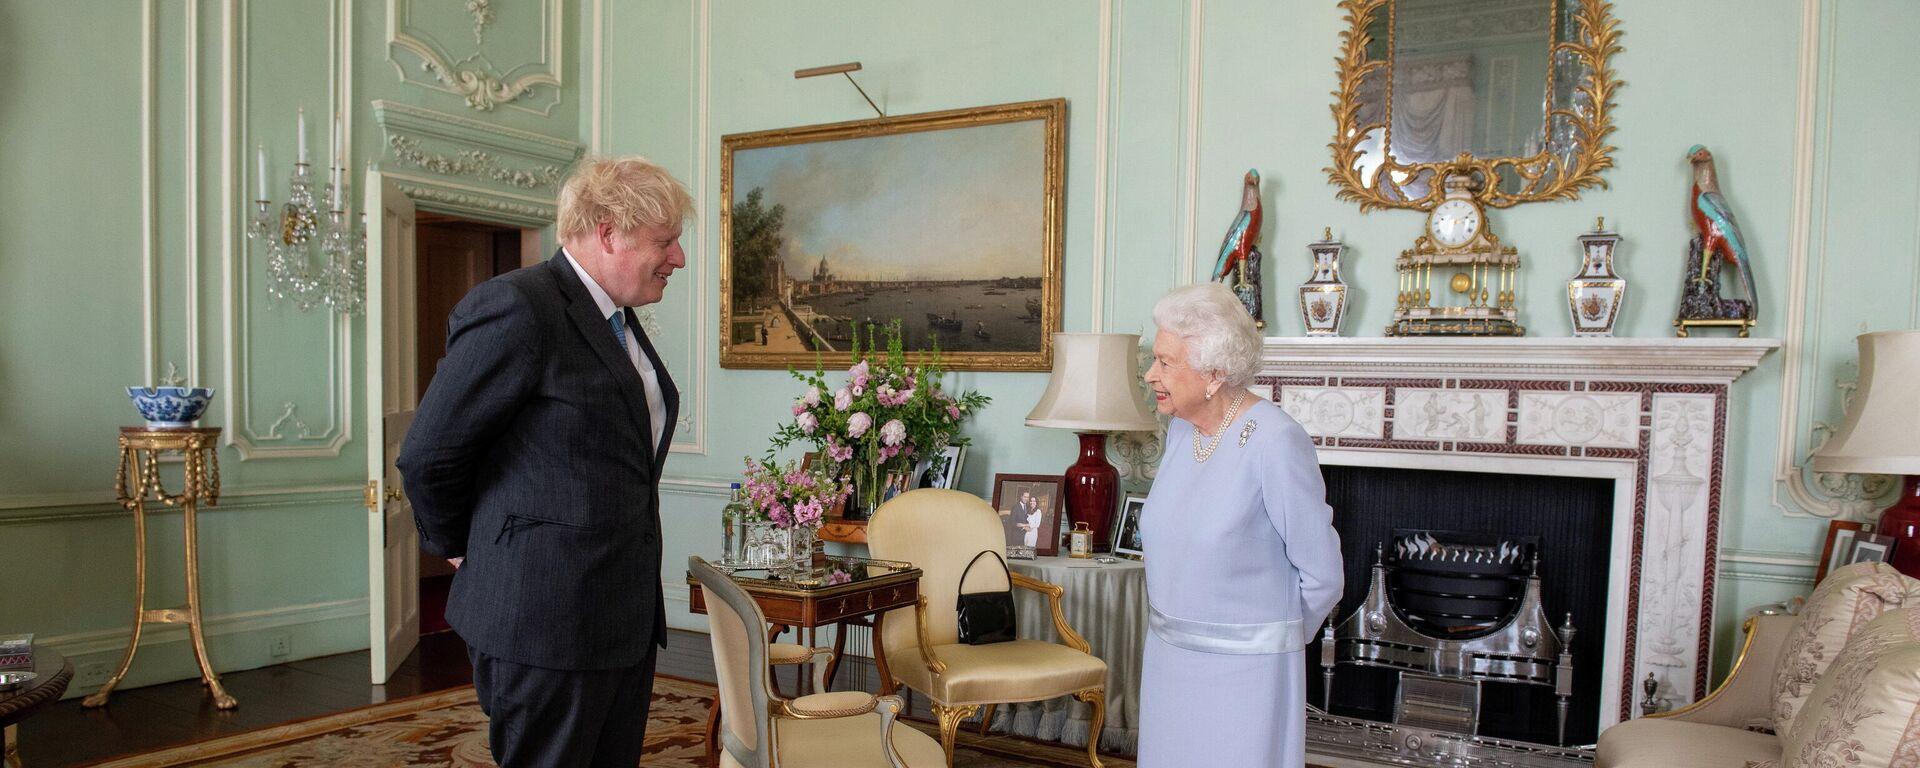 El primer ministro británico, Boris Johnson, se reúne con la reina Isabel II - Sputnik Mundo, 1920, 20.07.2021